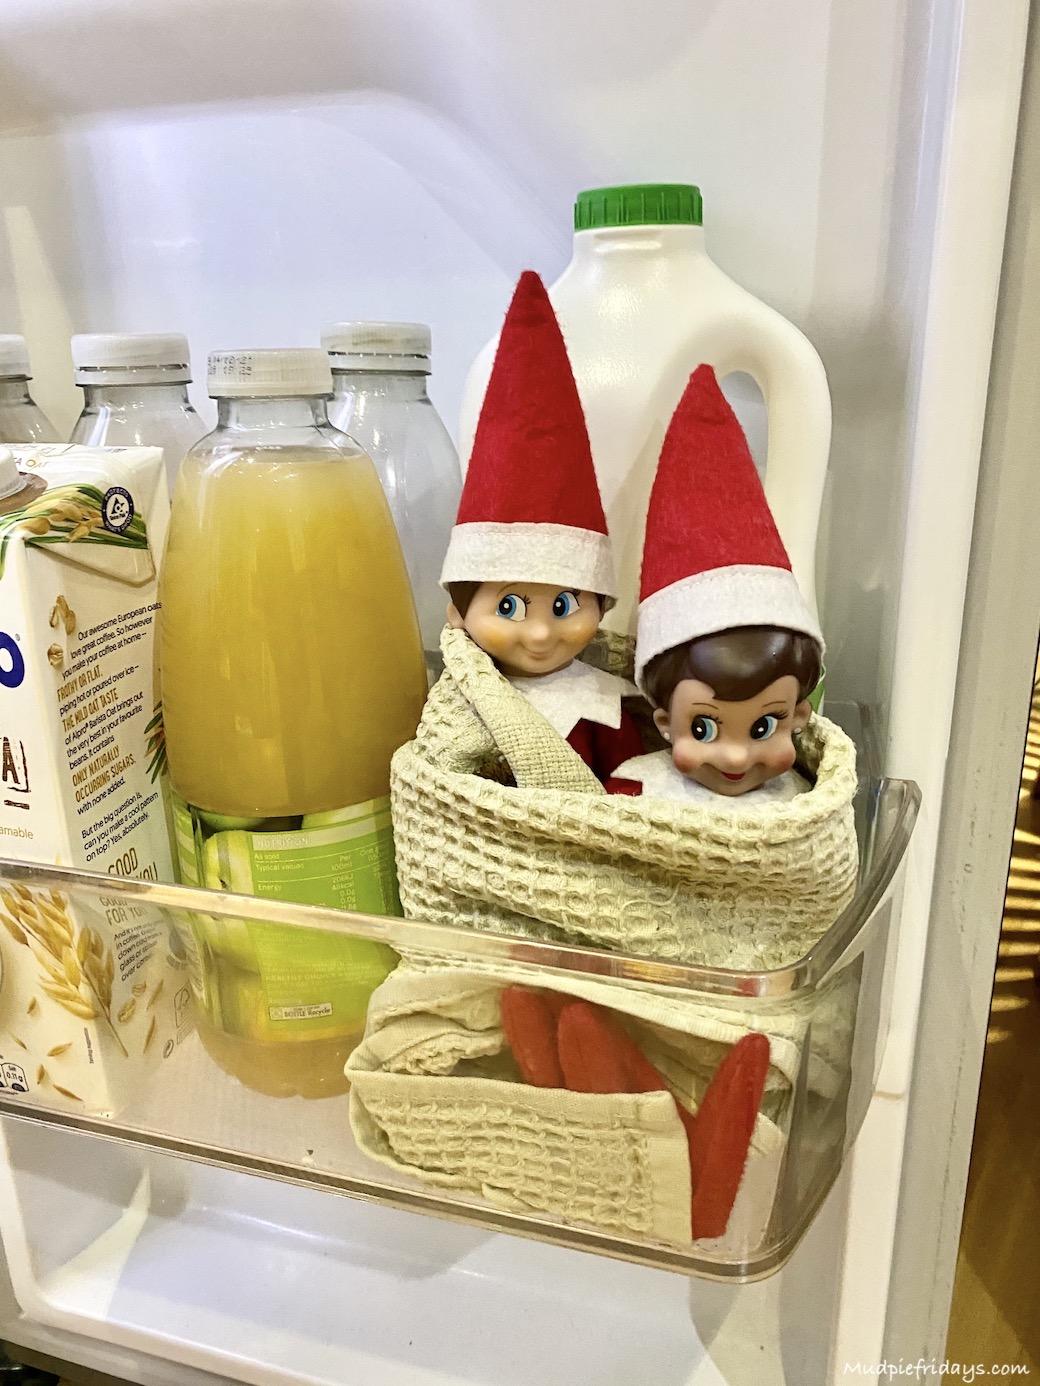 Elves in the fridge